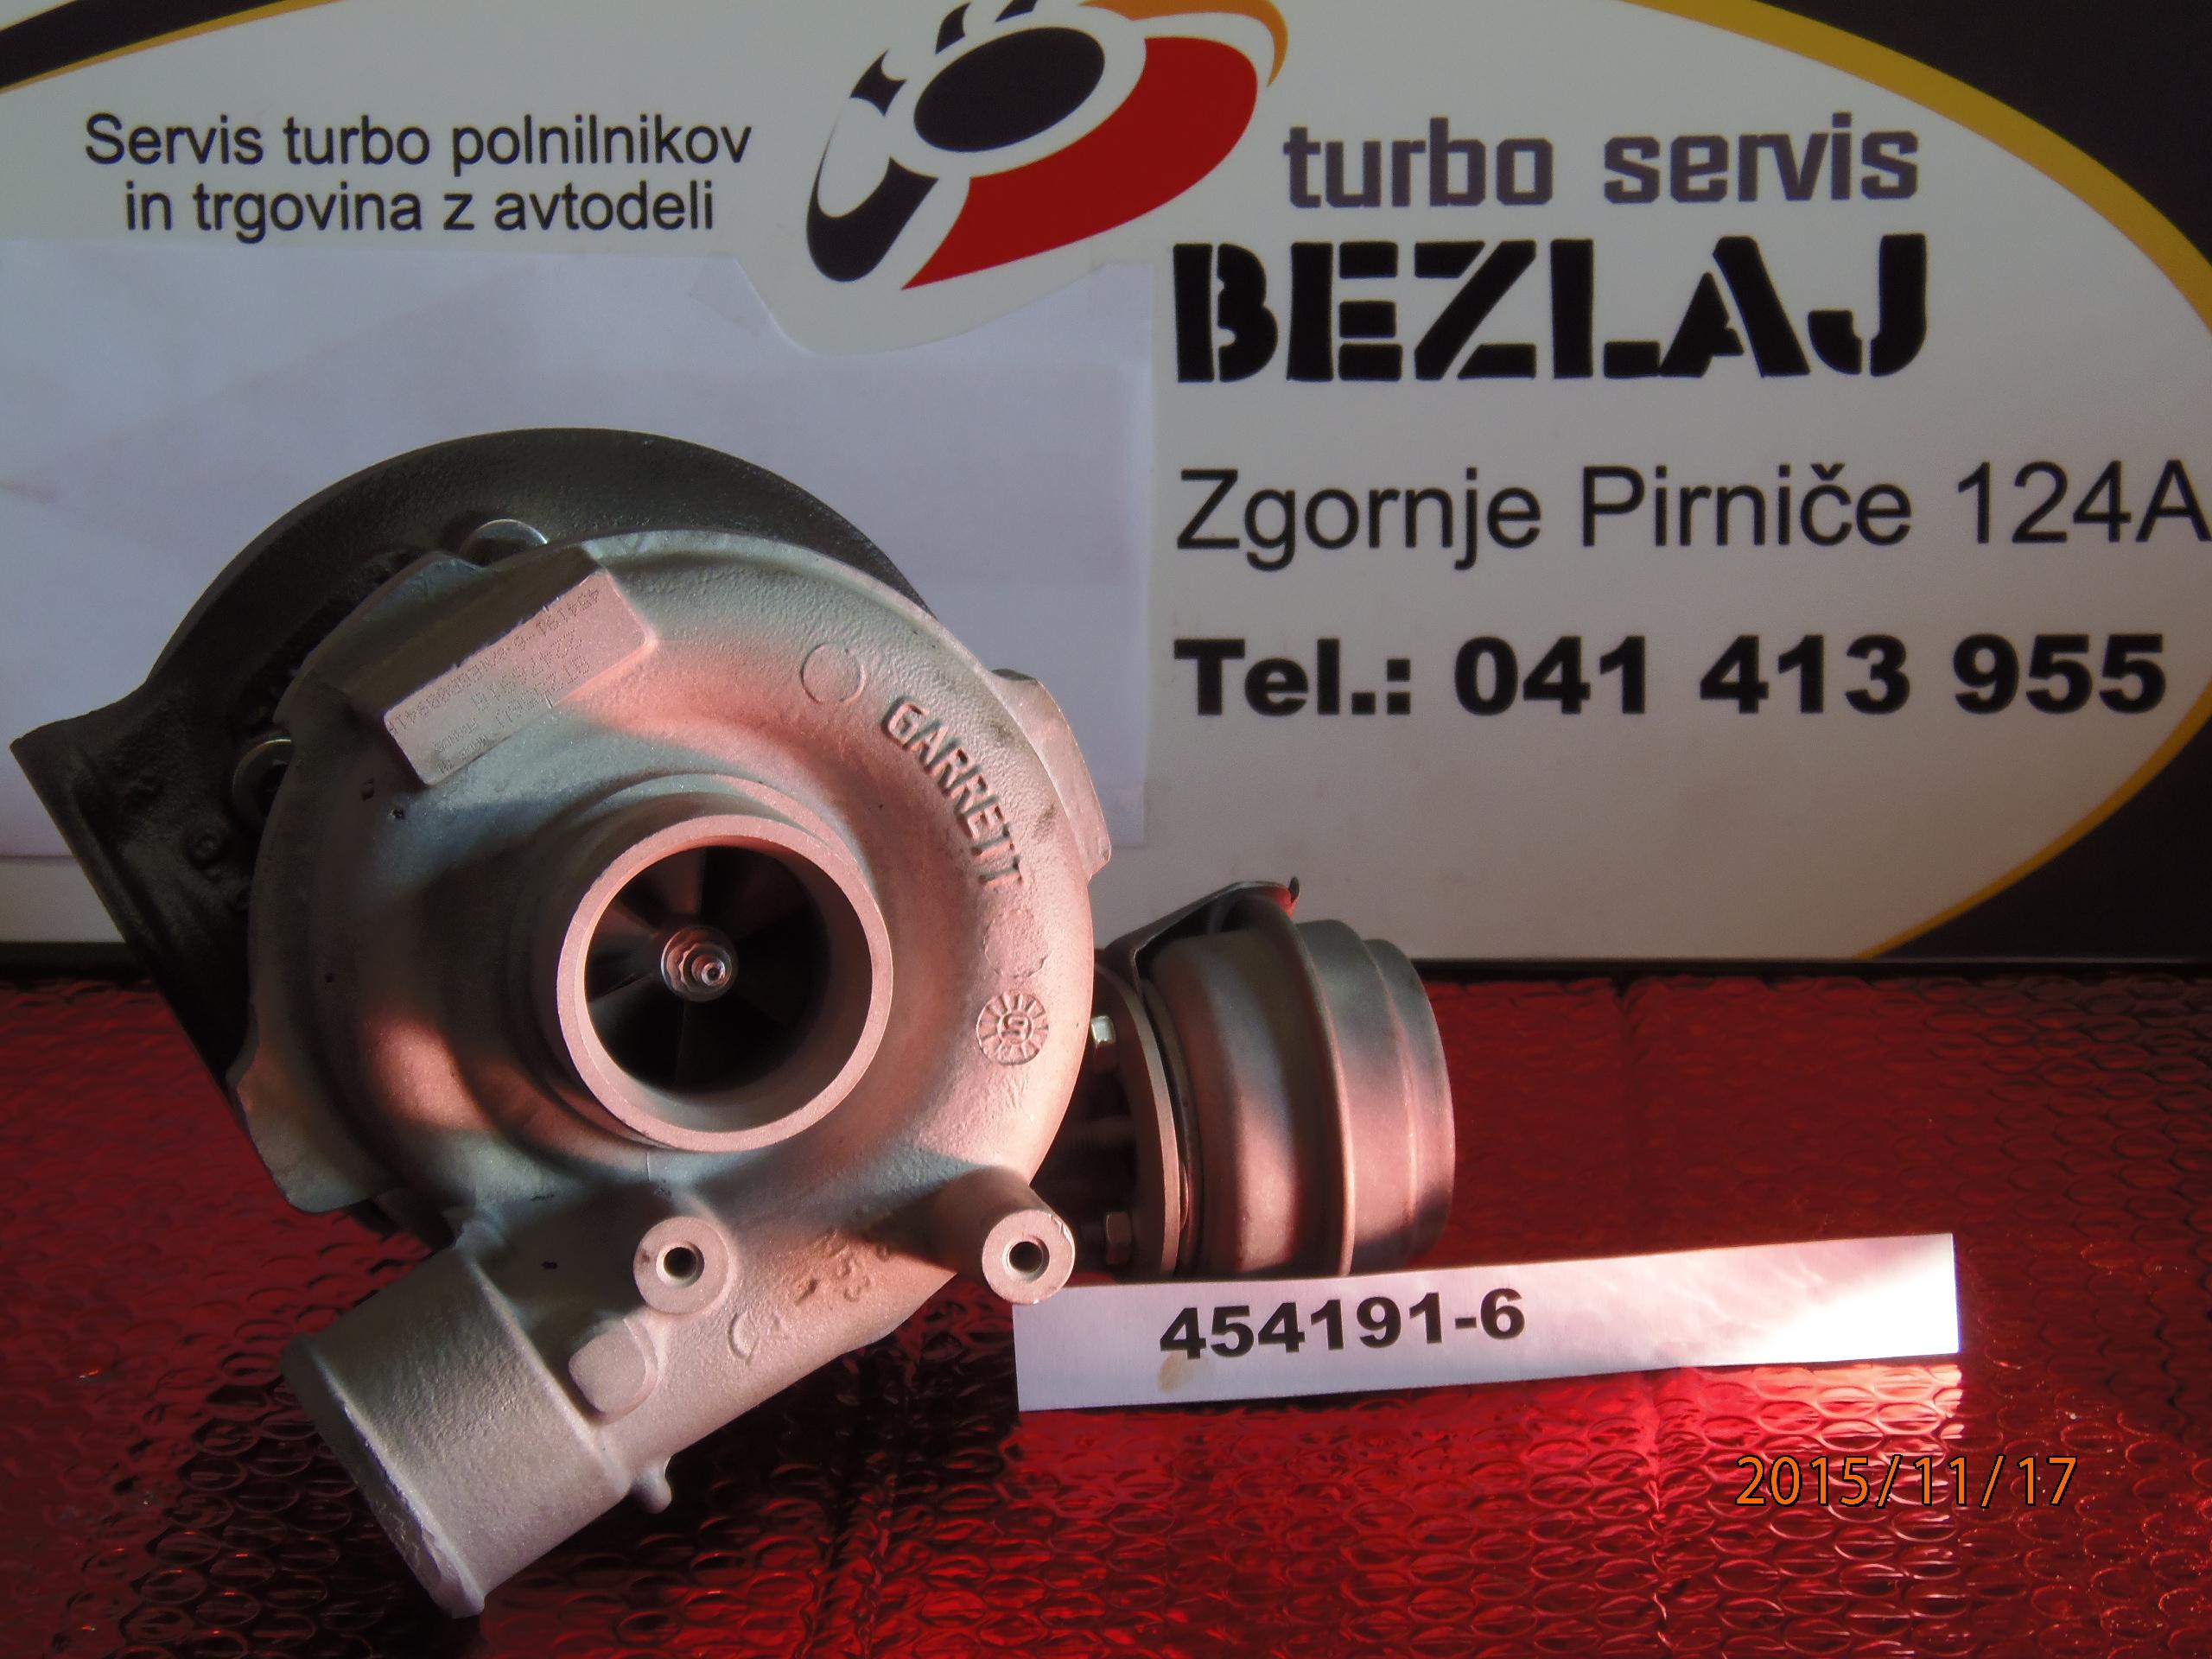 turbo454191